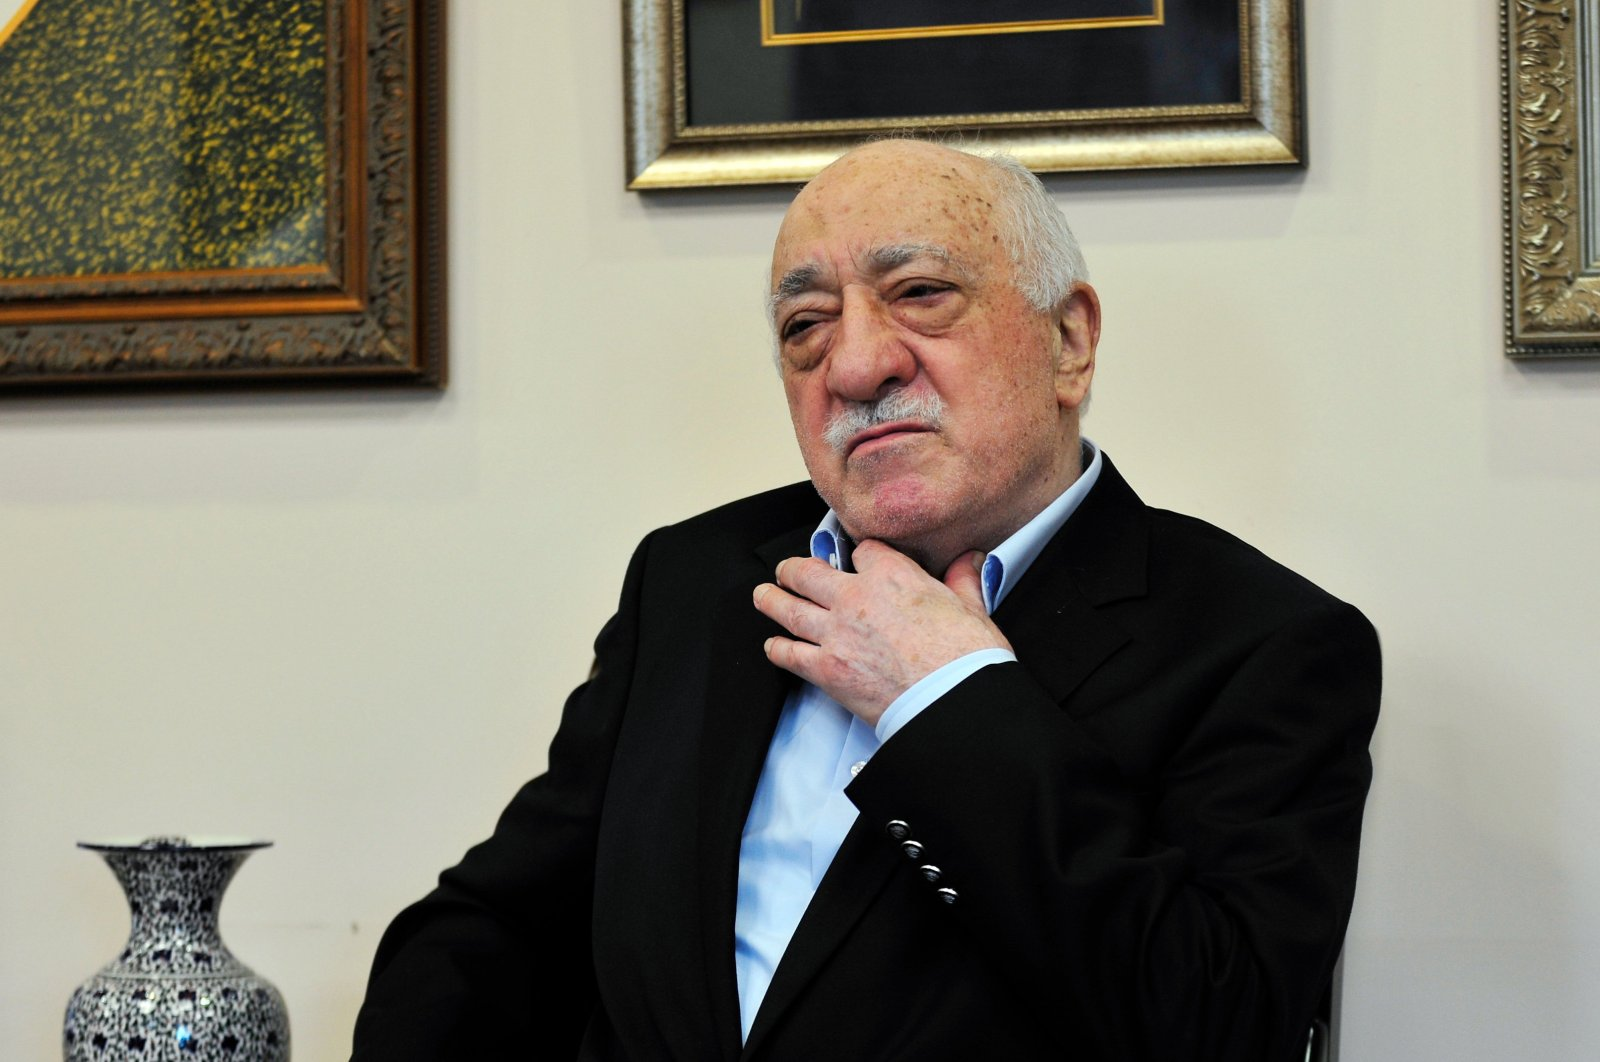 FETÖ's fugitive leader Fetullah Gülen speaks to the media, in Pennsylvania, U.S., July 17, 2016. (AP Photo)